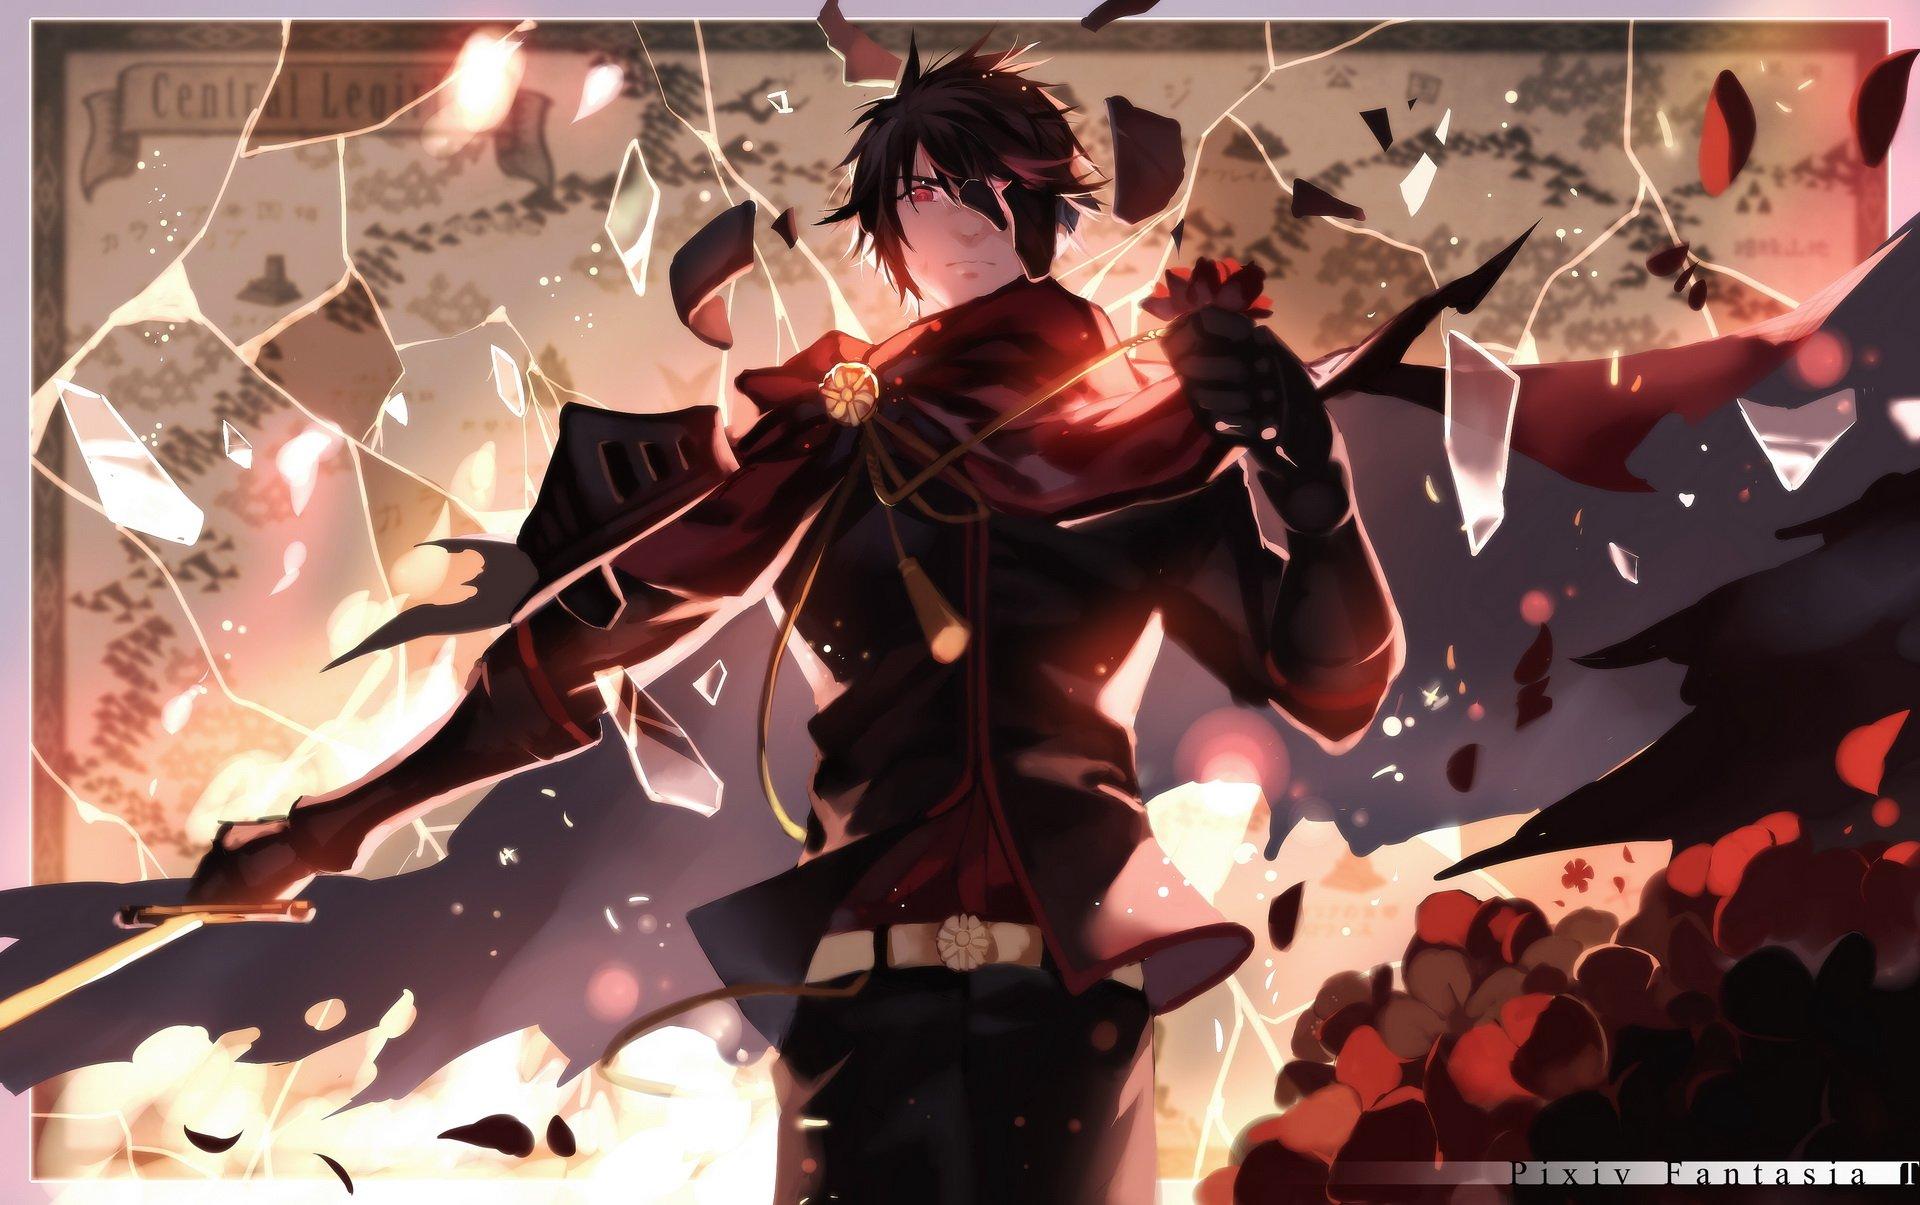 Anime Girl Wallpaper White Haired Demon Guy All Male Armor Black Hair Cape Joseph Lee Male Pixiv